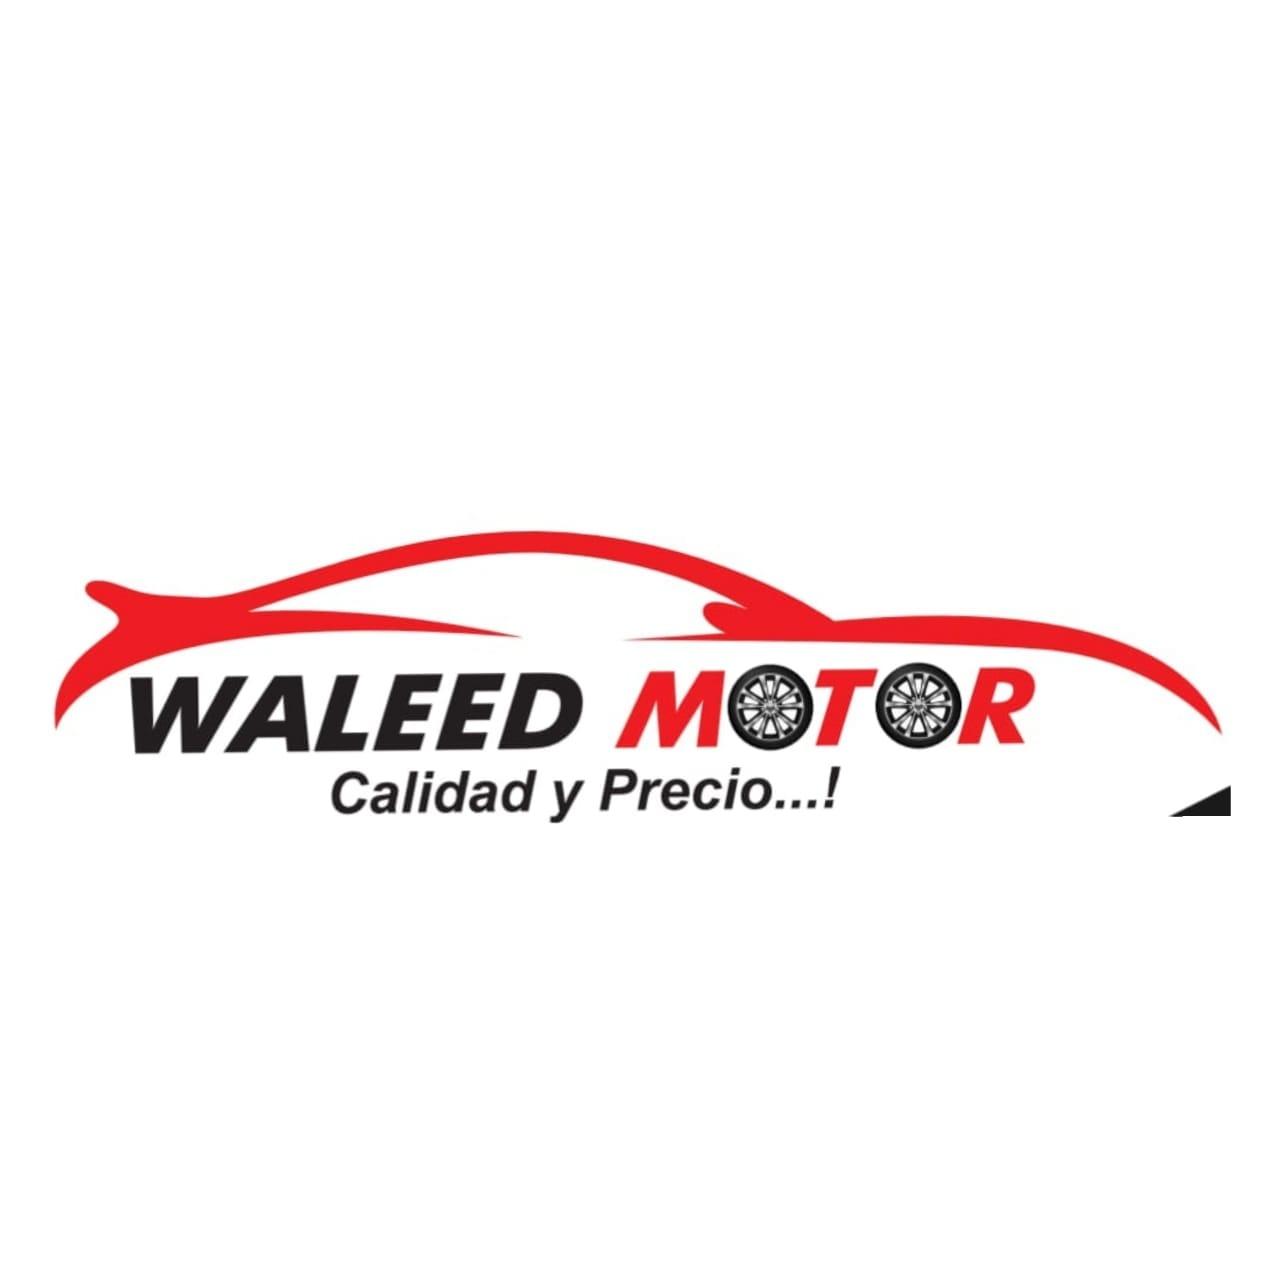 Waleed Motor